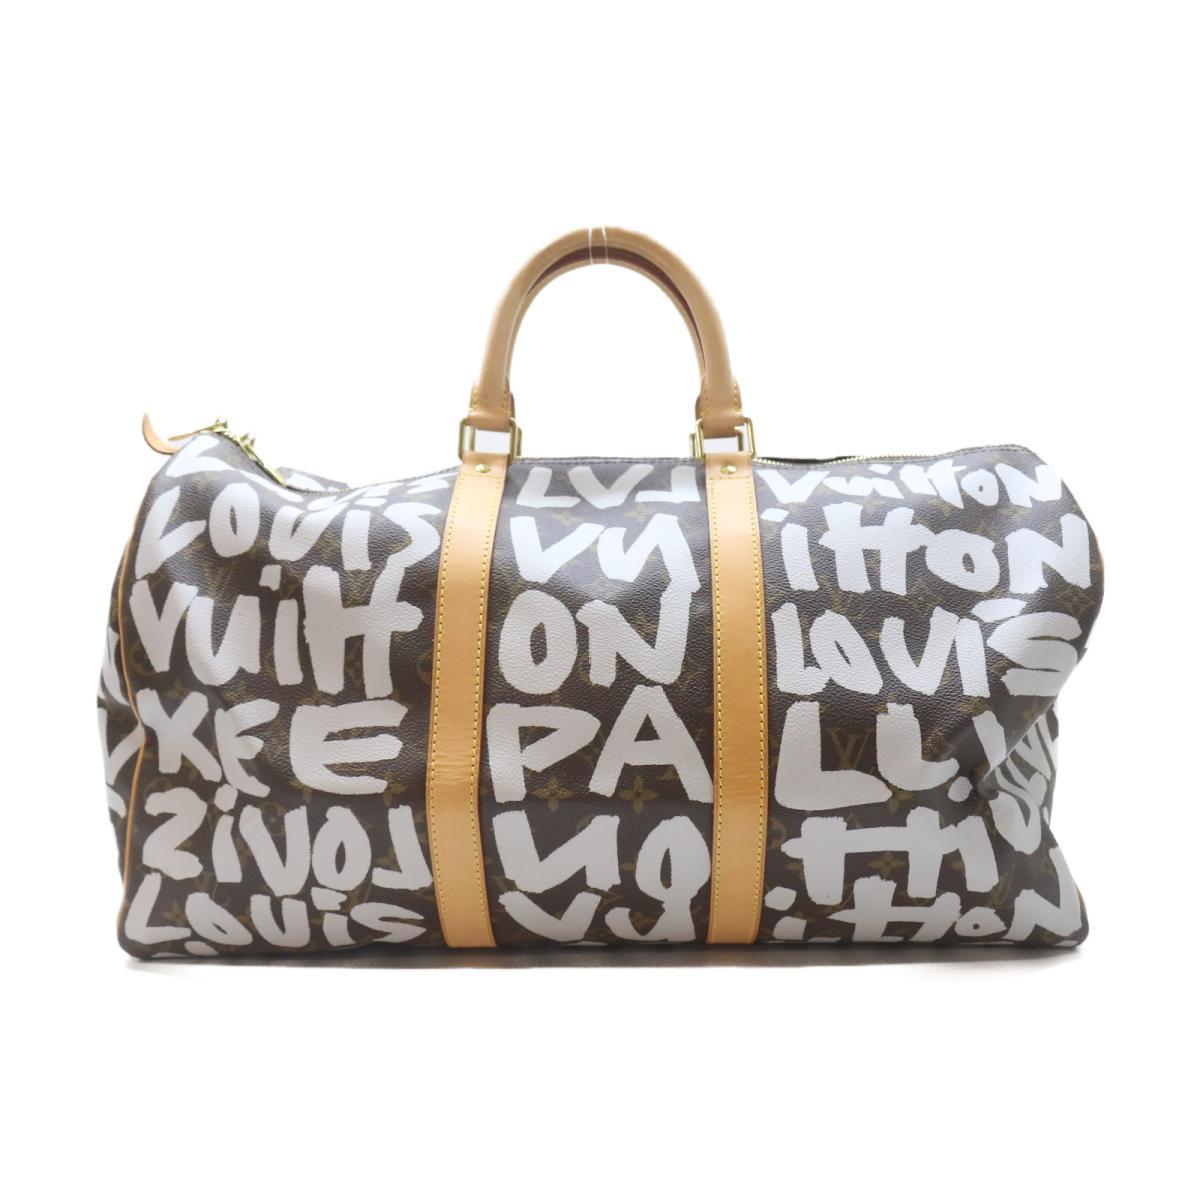 ルイヴィトン キーポル50 ボストンバッグ バッグ メンズ レディース モノグラム・グラフィティ アルジャン (M92197) 【中古】 | ブランド